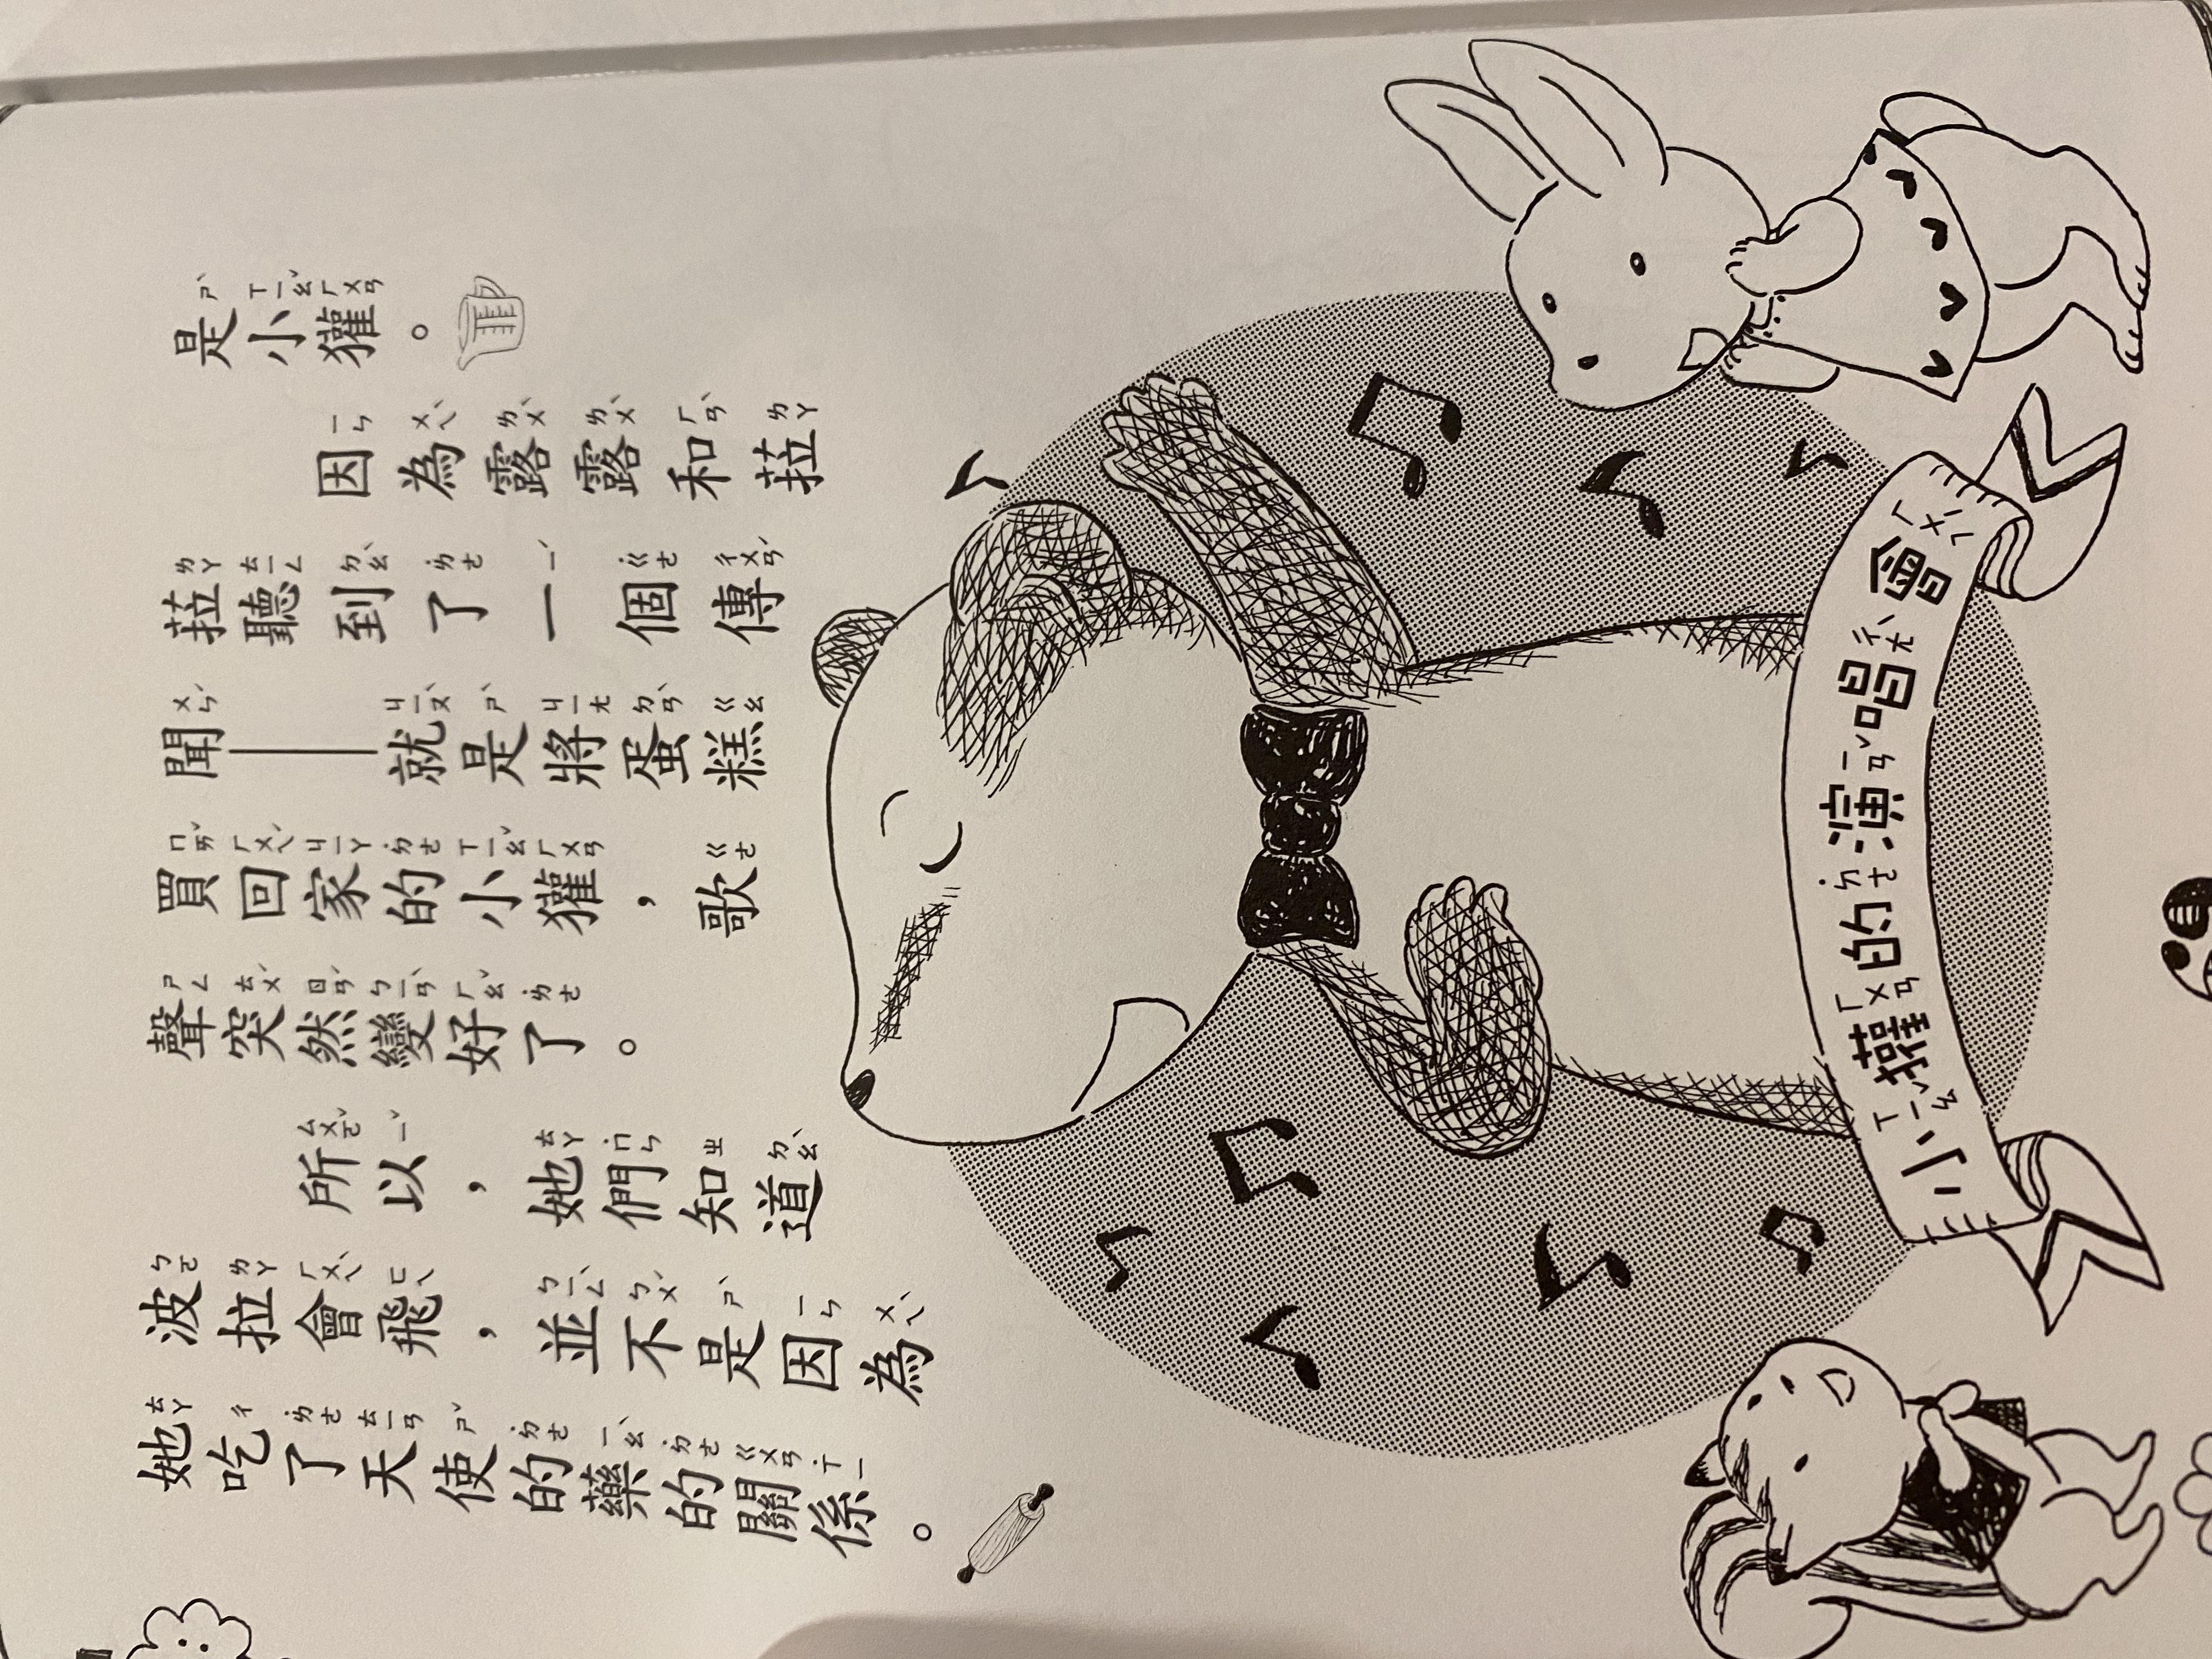 露露和菈菈08 天使蛋糕/ 5-7/ 文 安晝安子/ 譯 蕘合/ 東雨